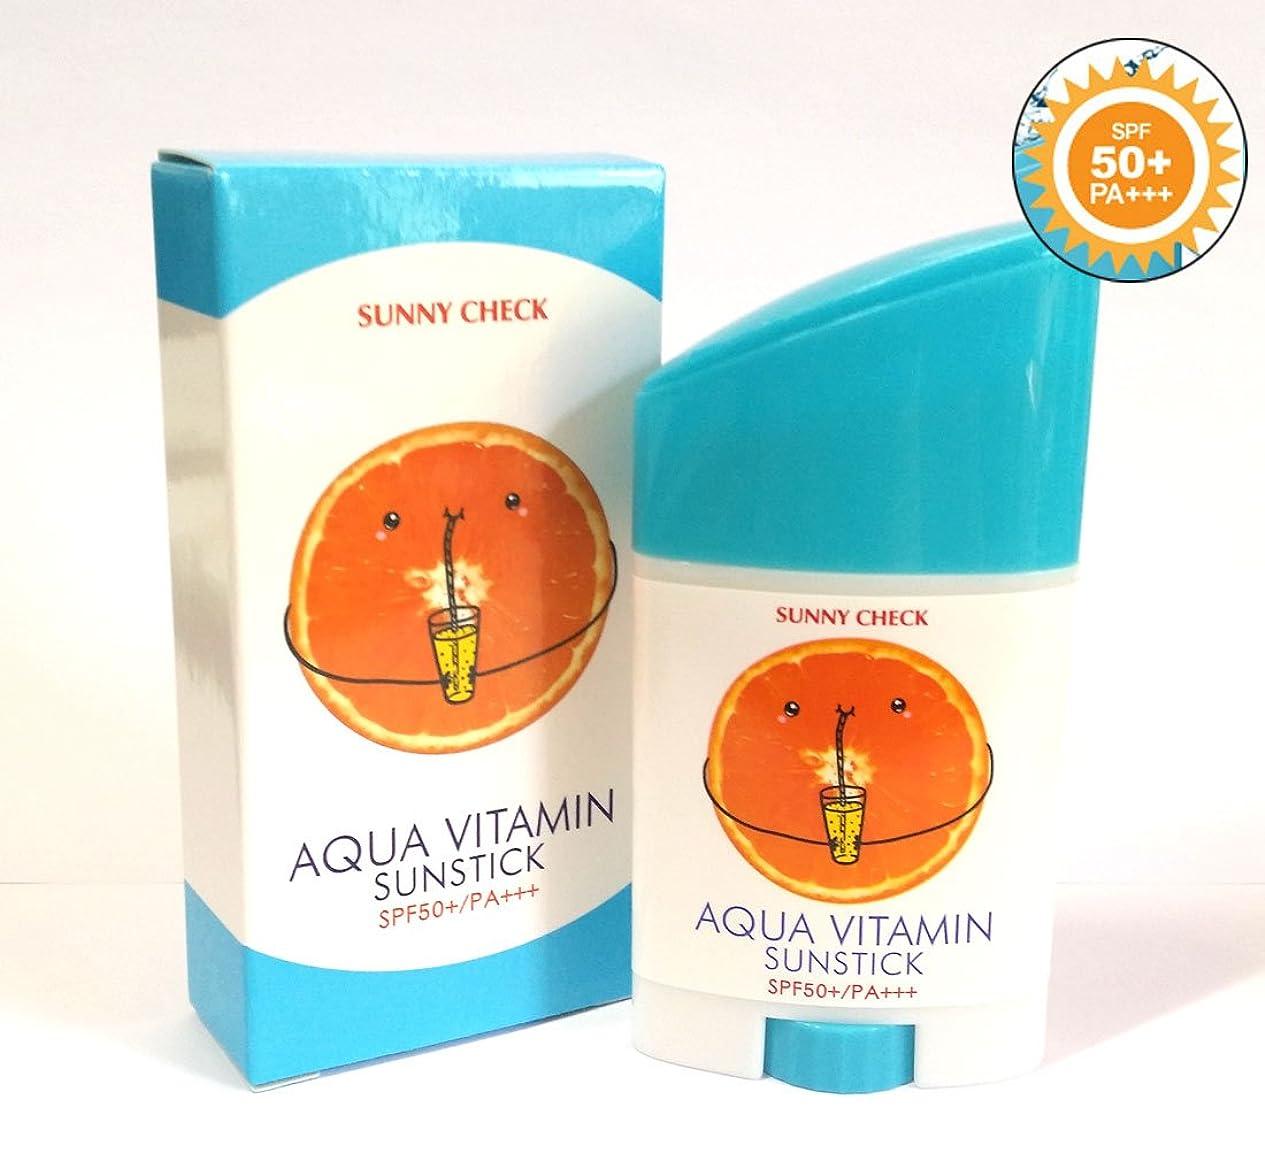 ばか商標死すべき[Sunny Check] アクアビタミンサンスティックSPF50 + PA +++ 26g(0.9oz)/UVプロテクション/韓国化粧品/Aqua Vitamin Sun Stick SPF50+ PA+++ 26g(0.9oz)/UV protection/Korean Cosmetics (2EA) [並行輸入品]